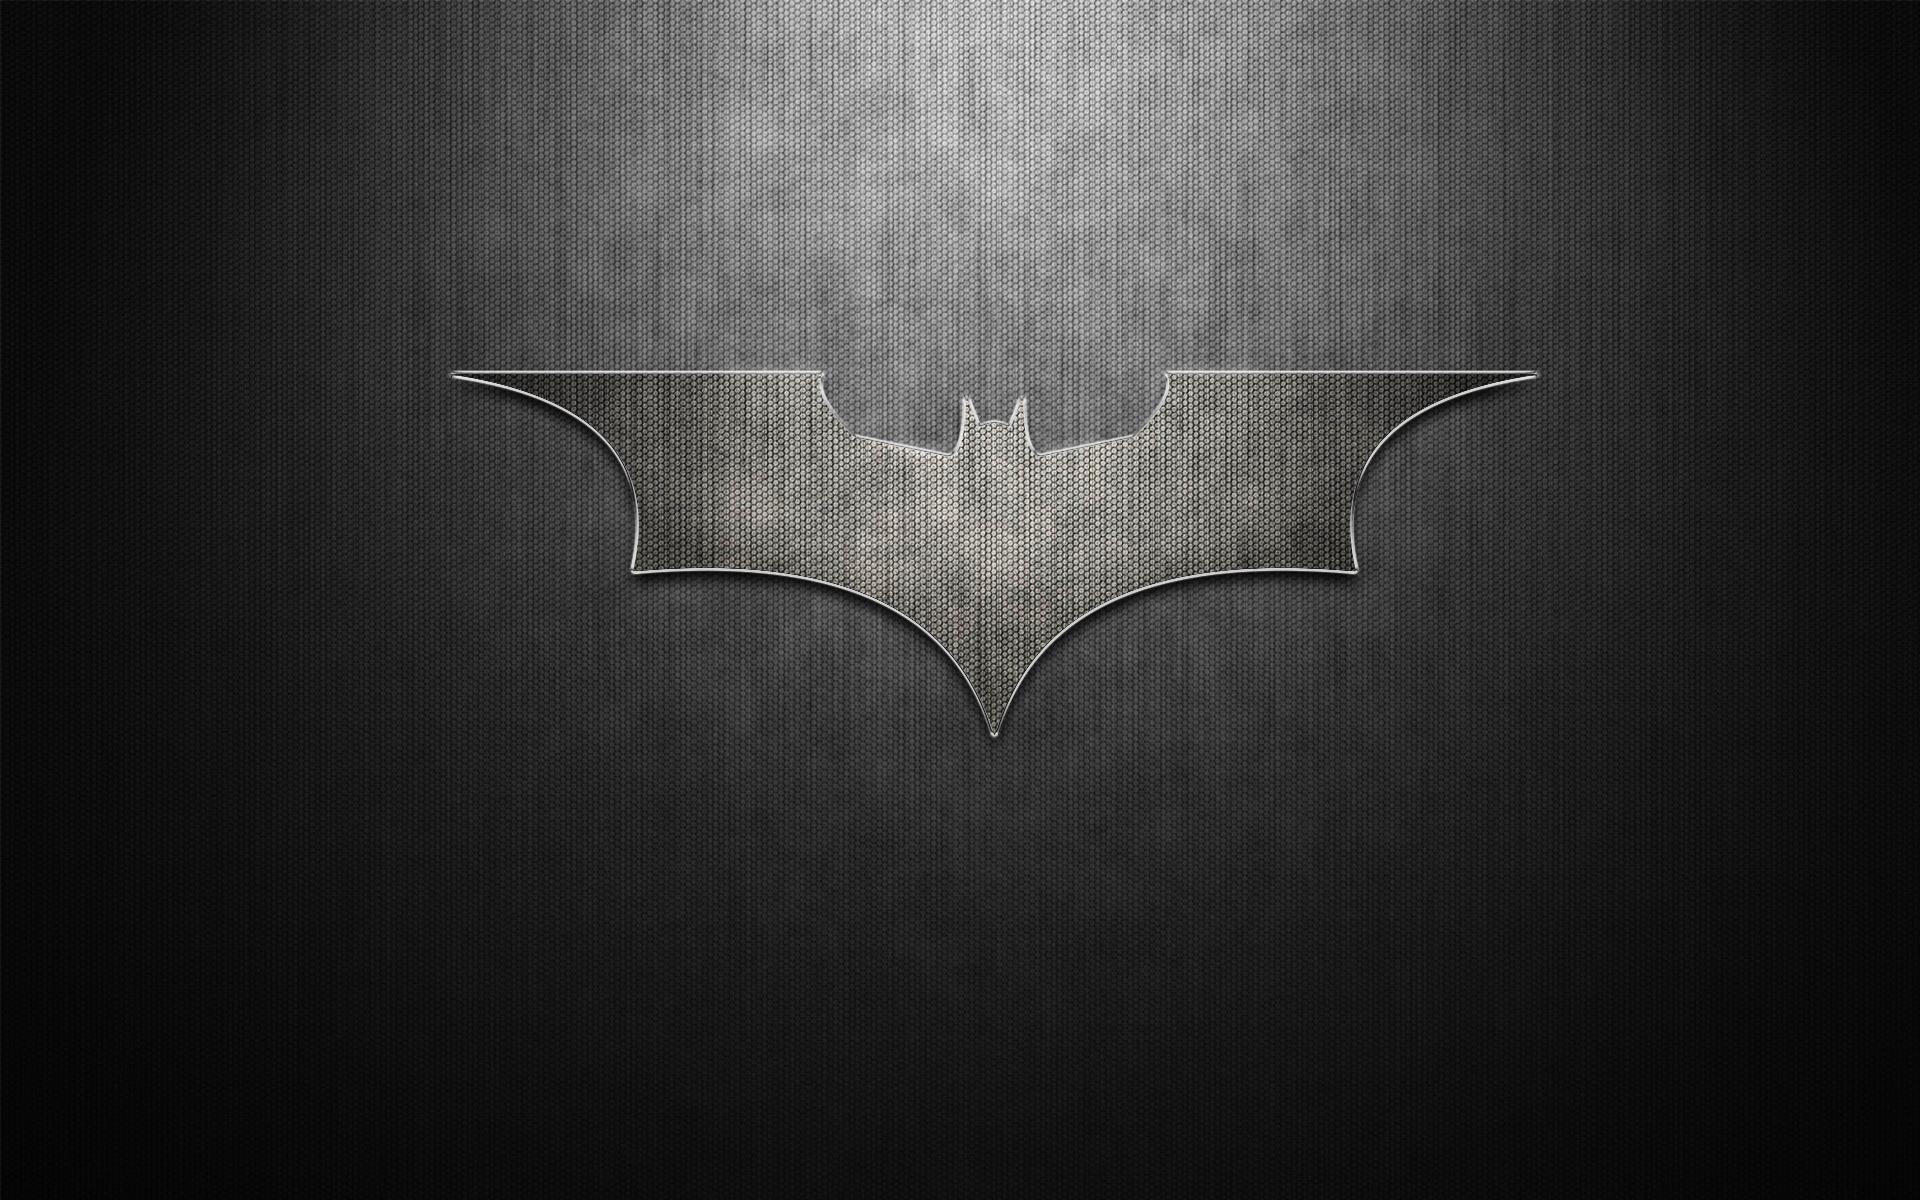 Бэтмен Обои На Андроид